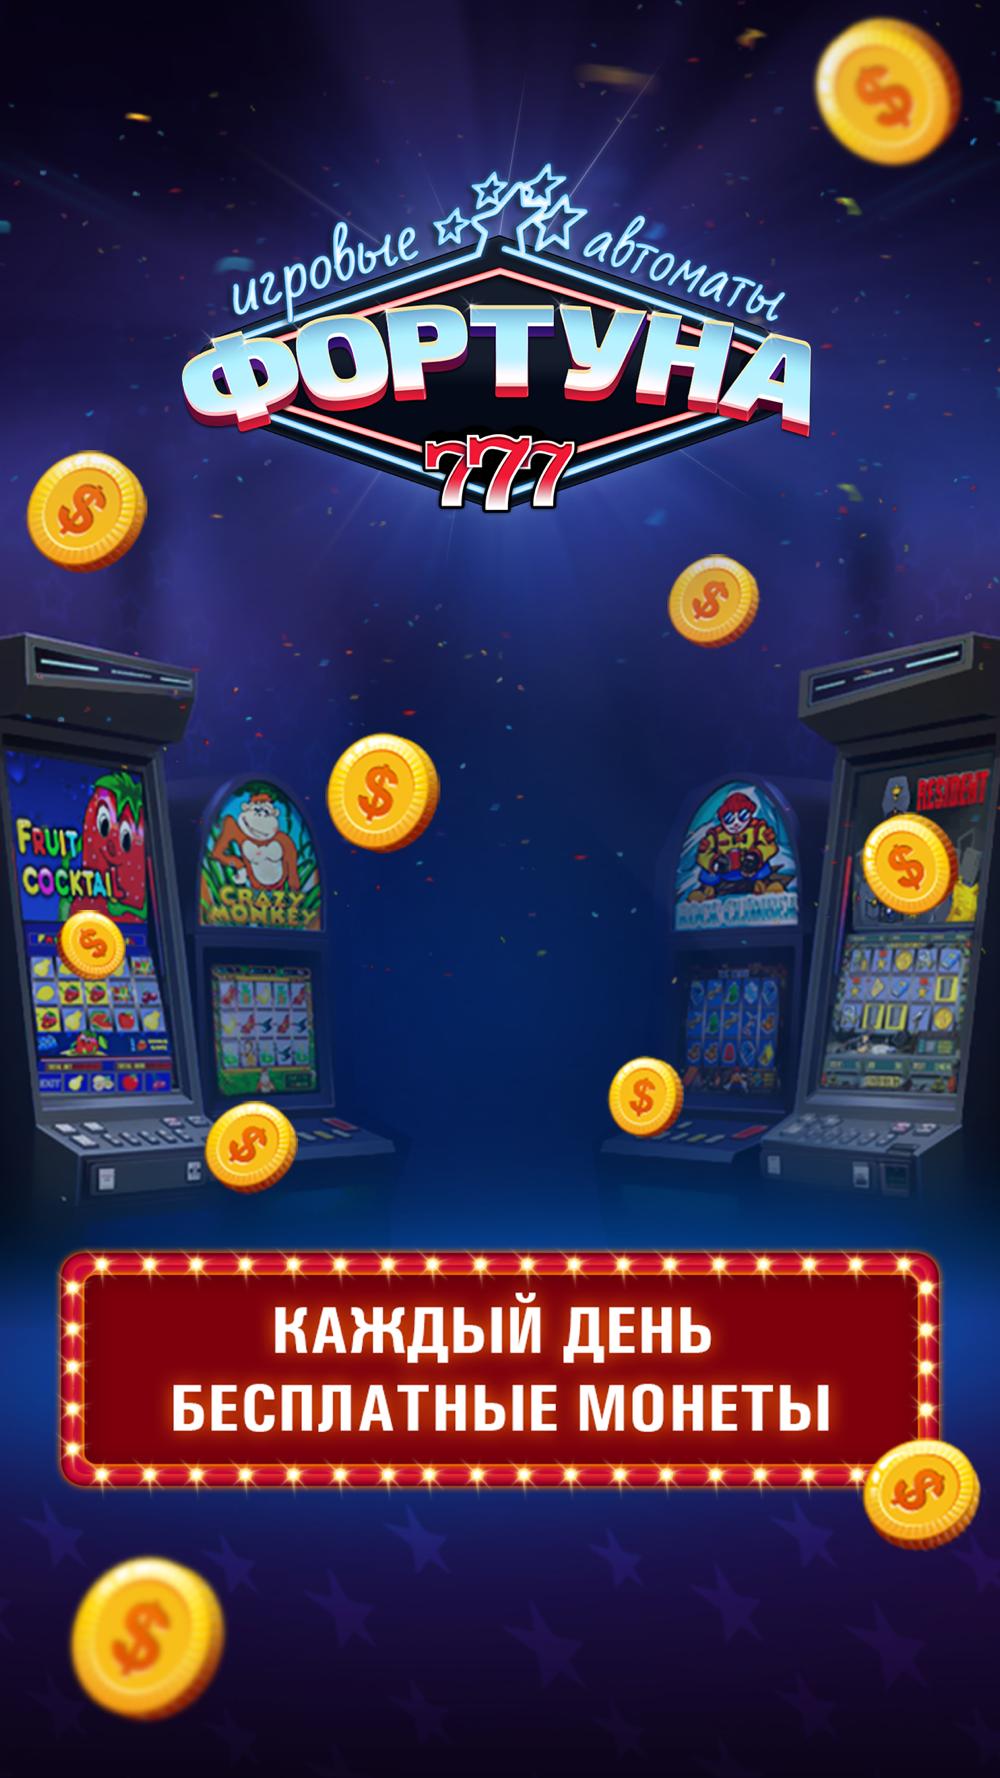 Фортуна игровой автомат скачать бесплатно грибы игровые автоматы играть бесплатно